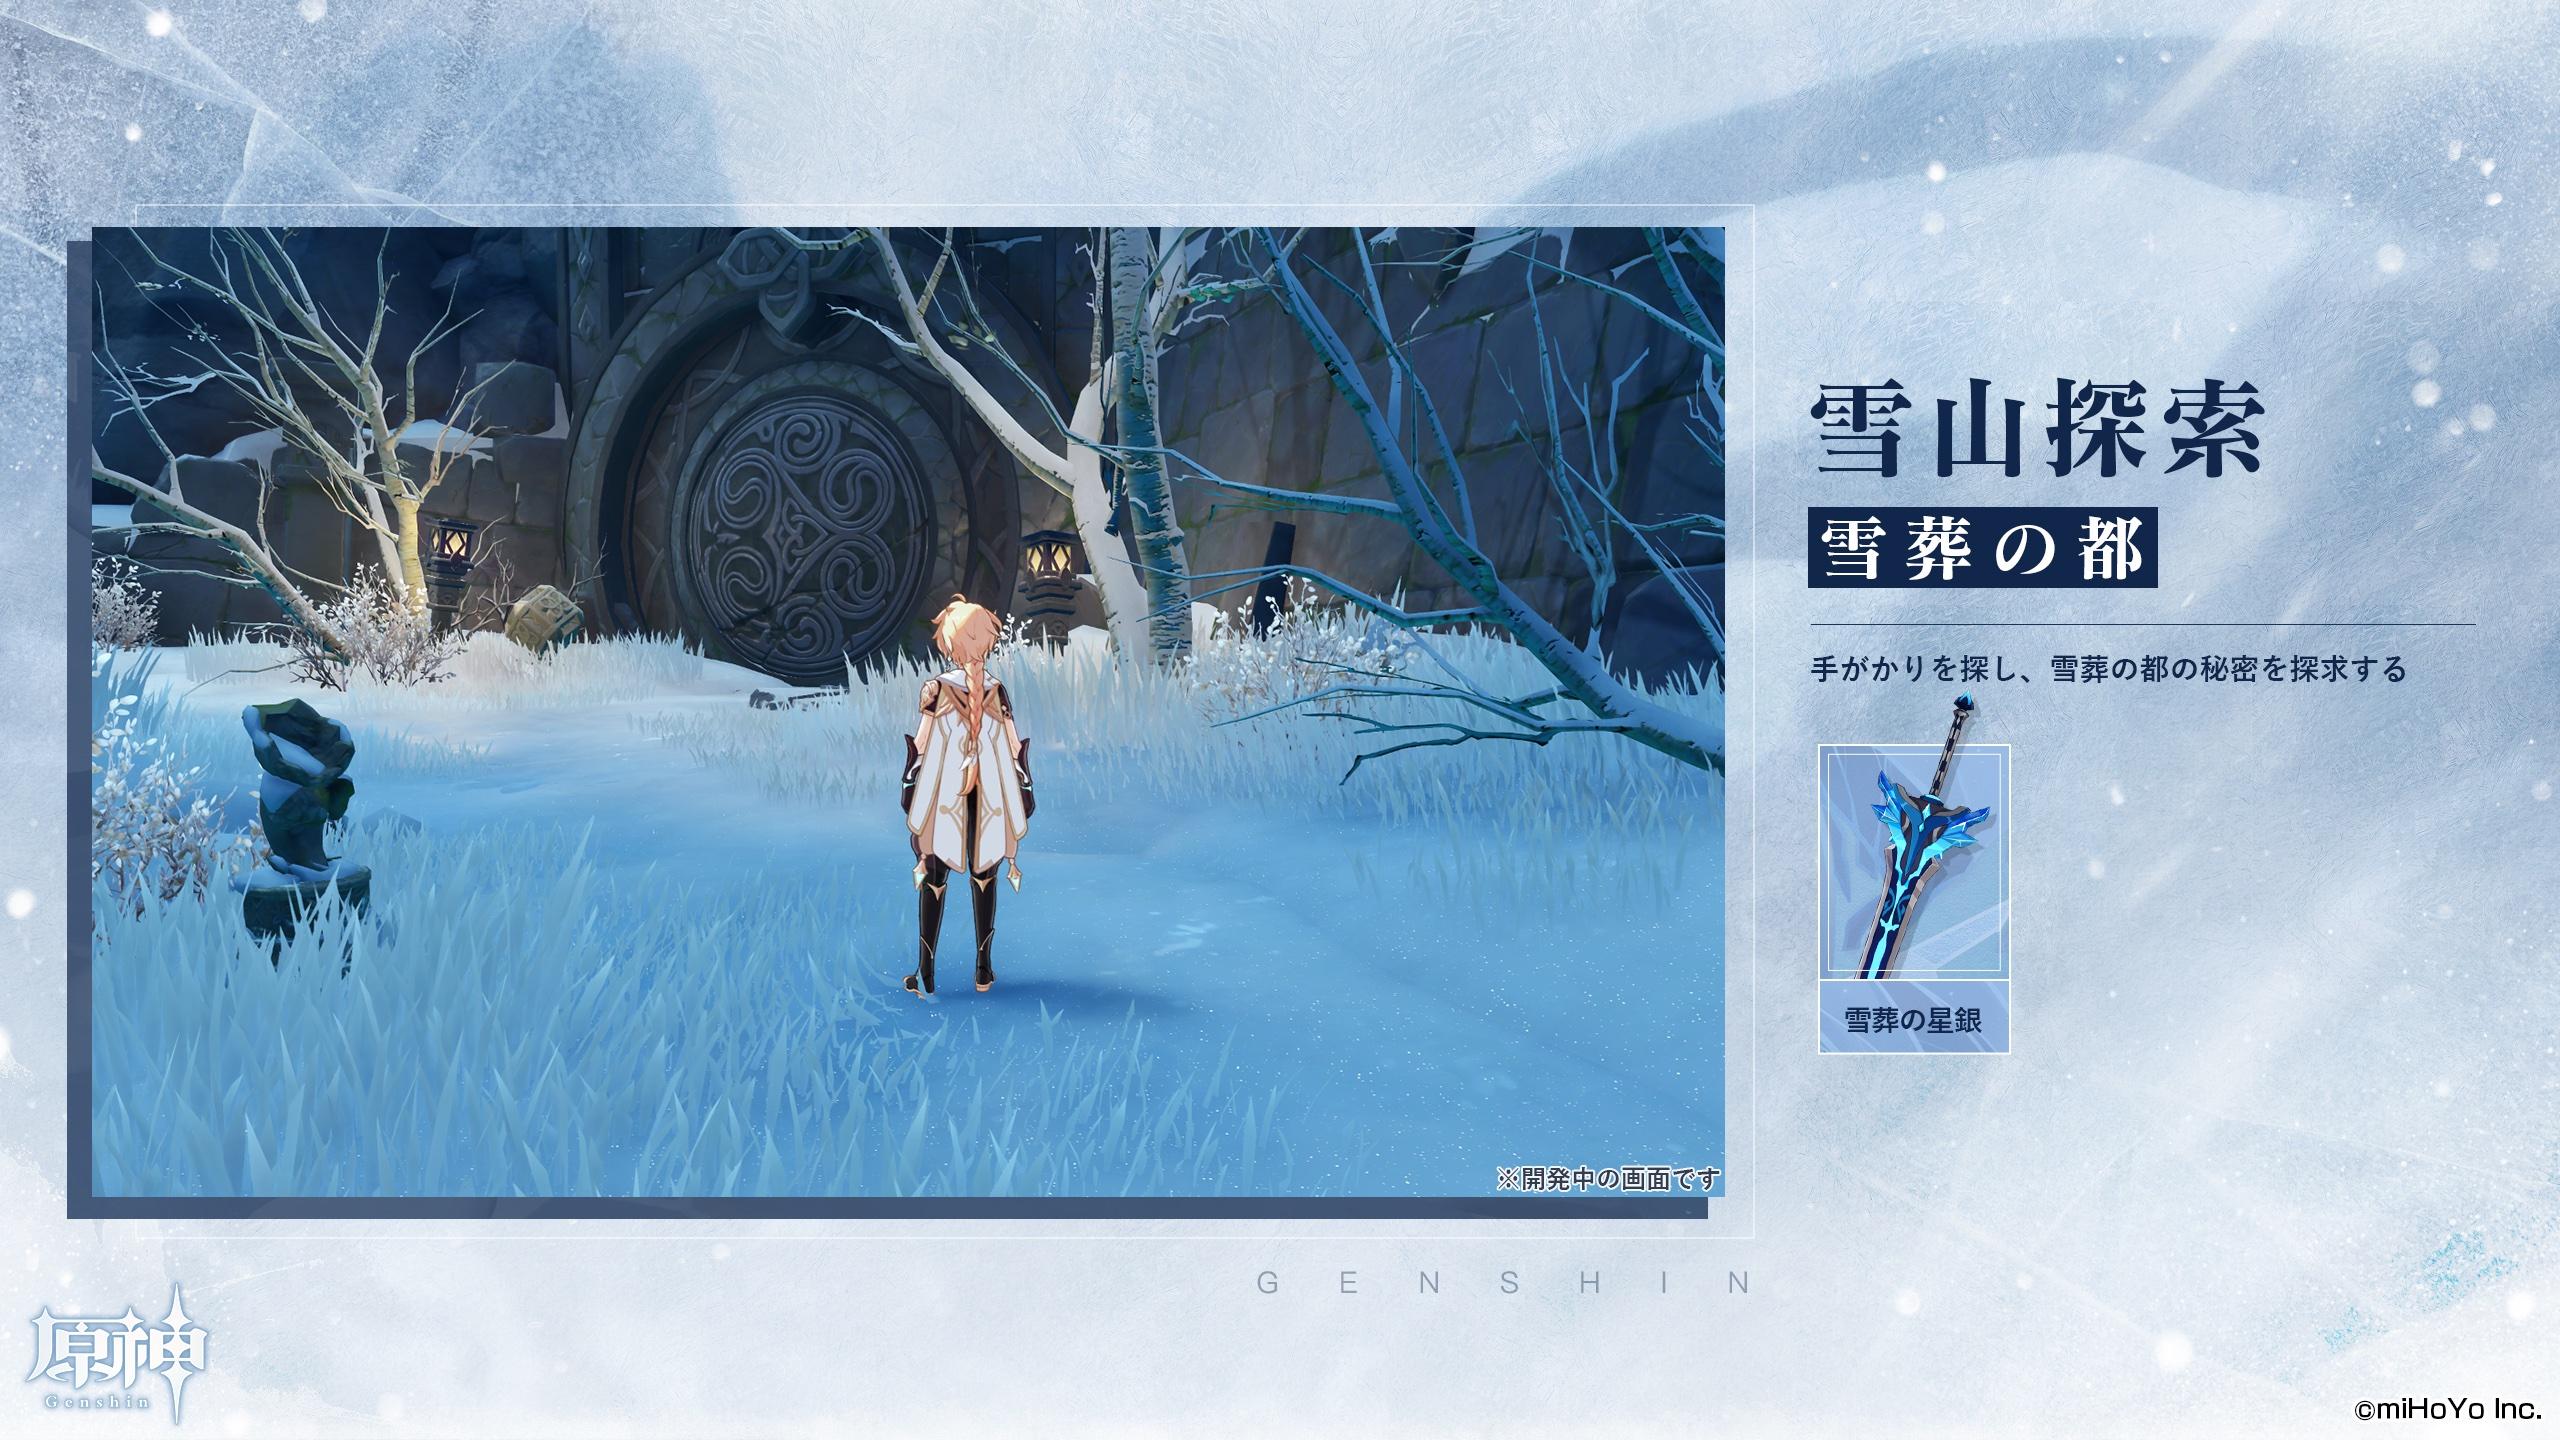 【雪山探索 雪葬の都】 雪葬の聖銀